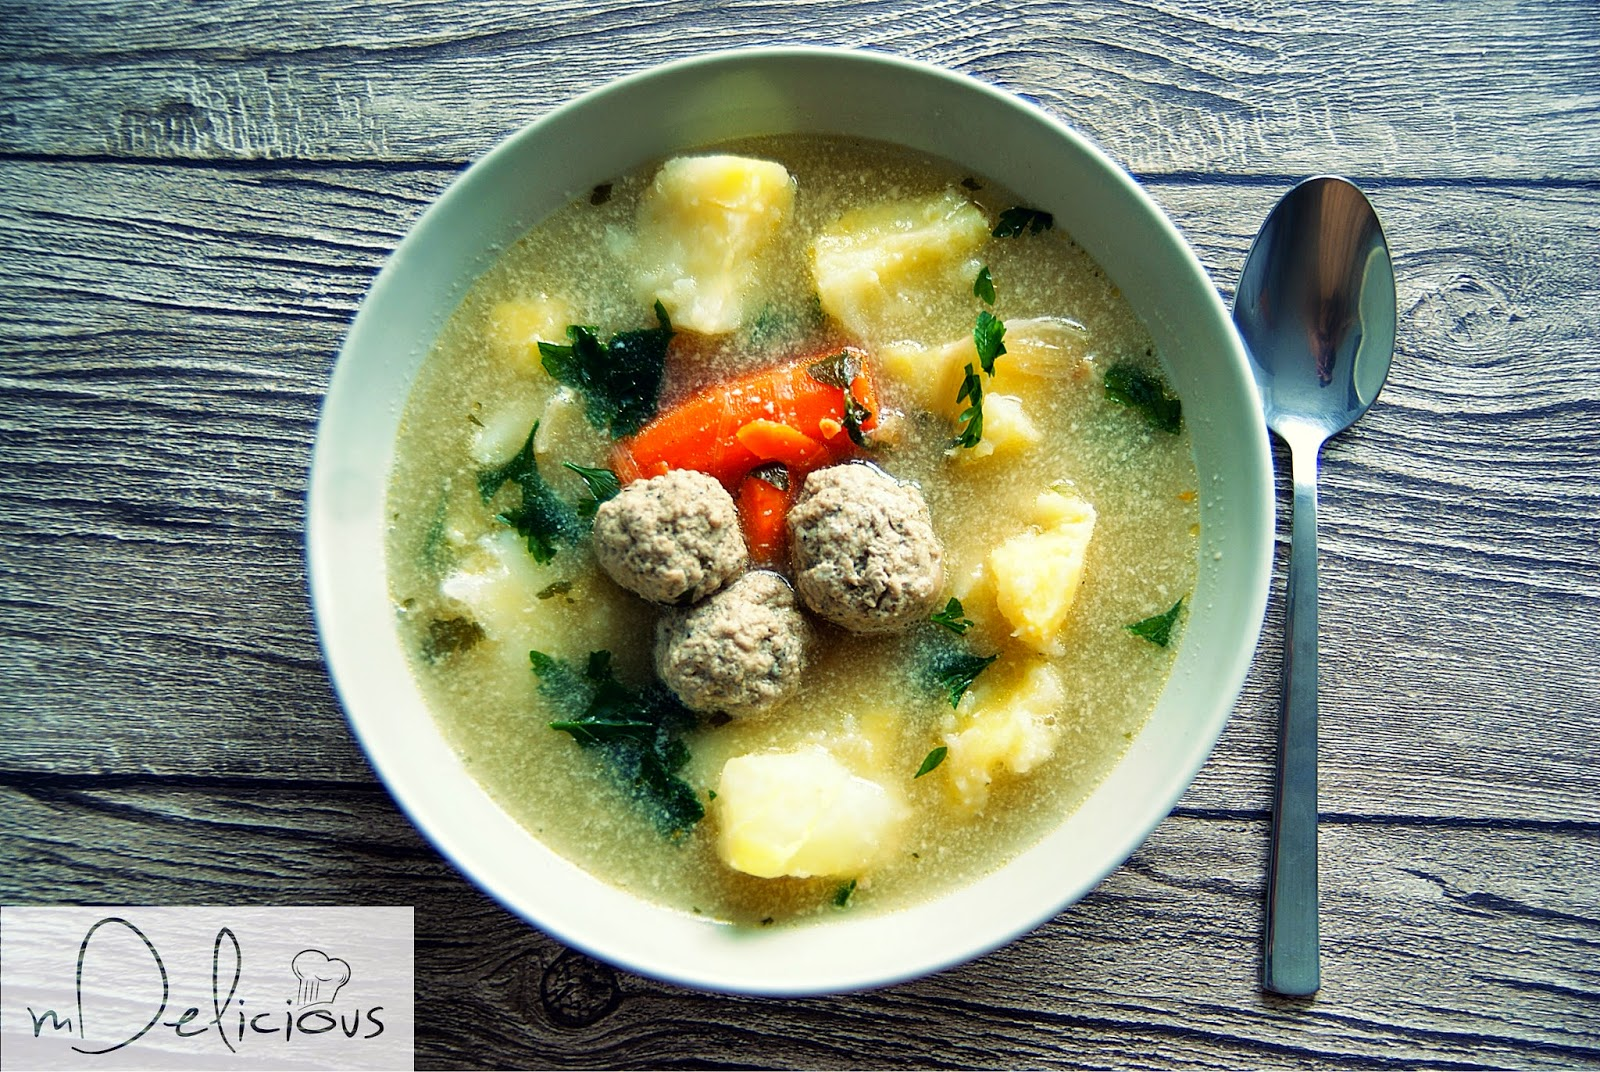 zupa z klopsami, zupa klopsowa, polska zupa, zupa przepis, klopsówa, zupa klopsowa przepis, przepis na zupę klopsową, zupa regionalna